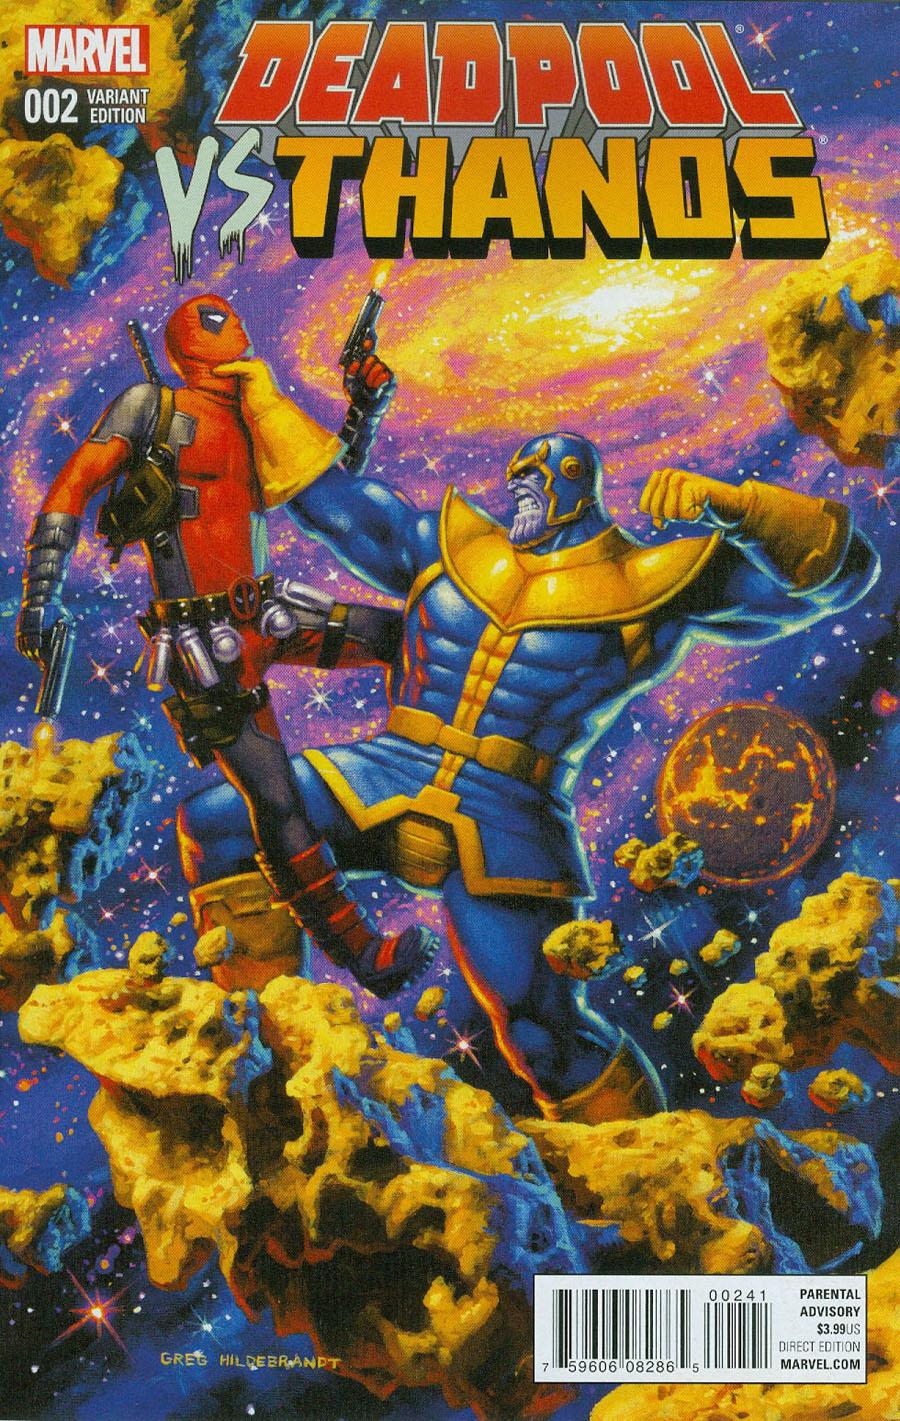 Deadpool vs Thanos #2 Cover C Variant Greg Hildebrandt Cover